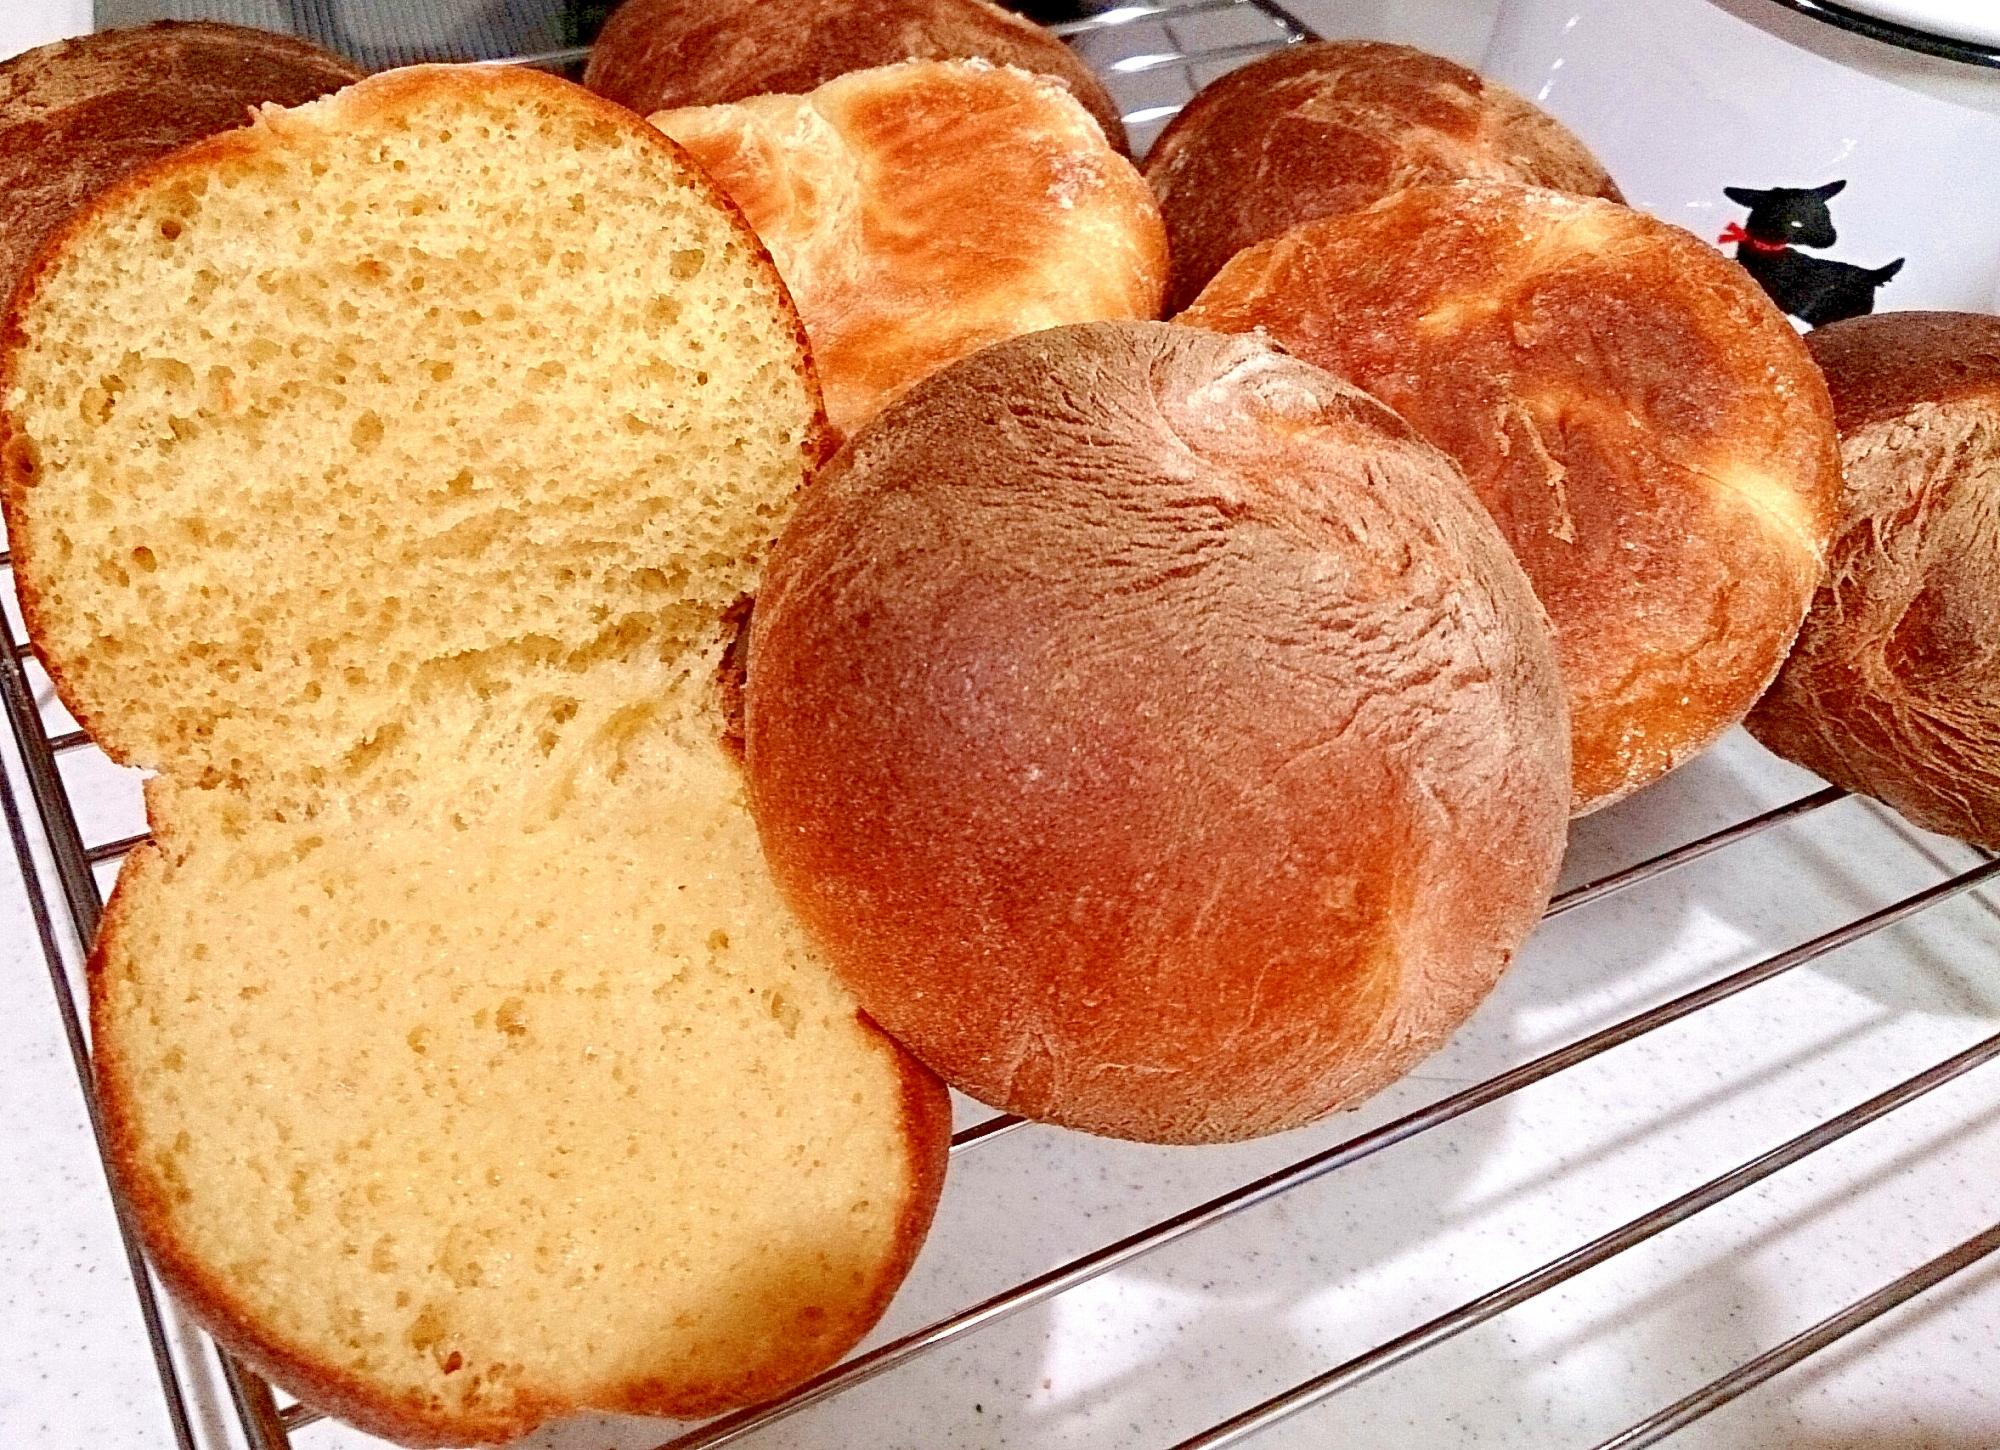 【糖質制限】パンミックス粉でお手軽ふわふわプチパン